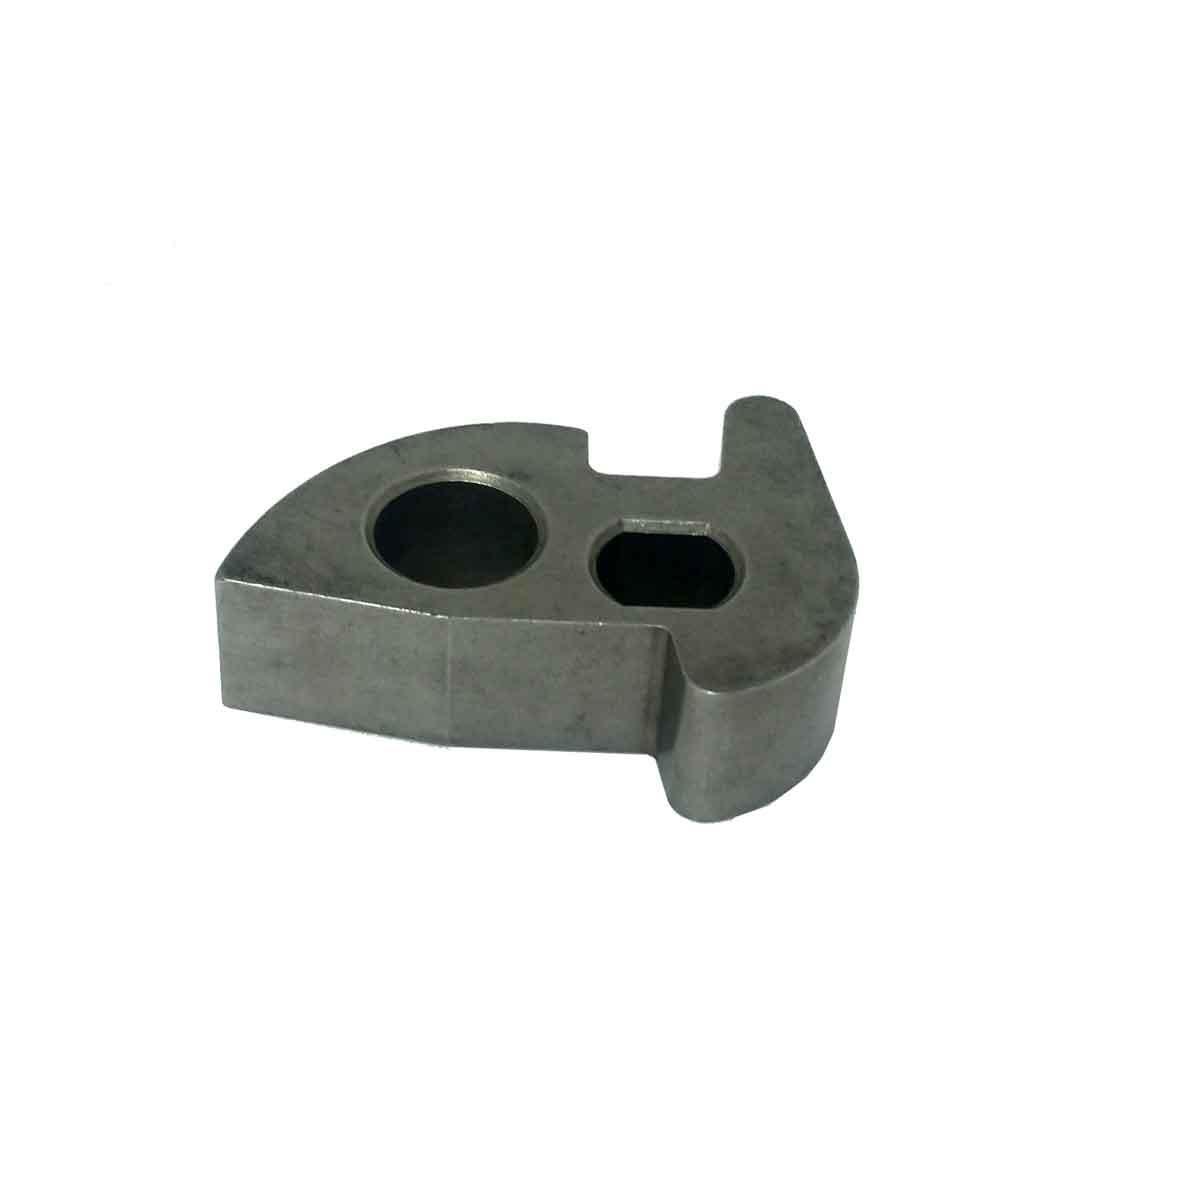 Rubi Breaker Cam TS tile cutters